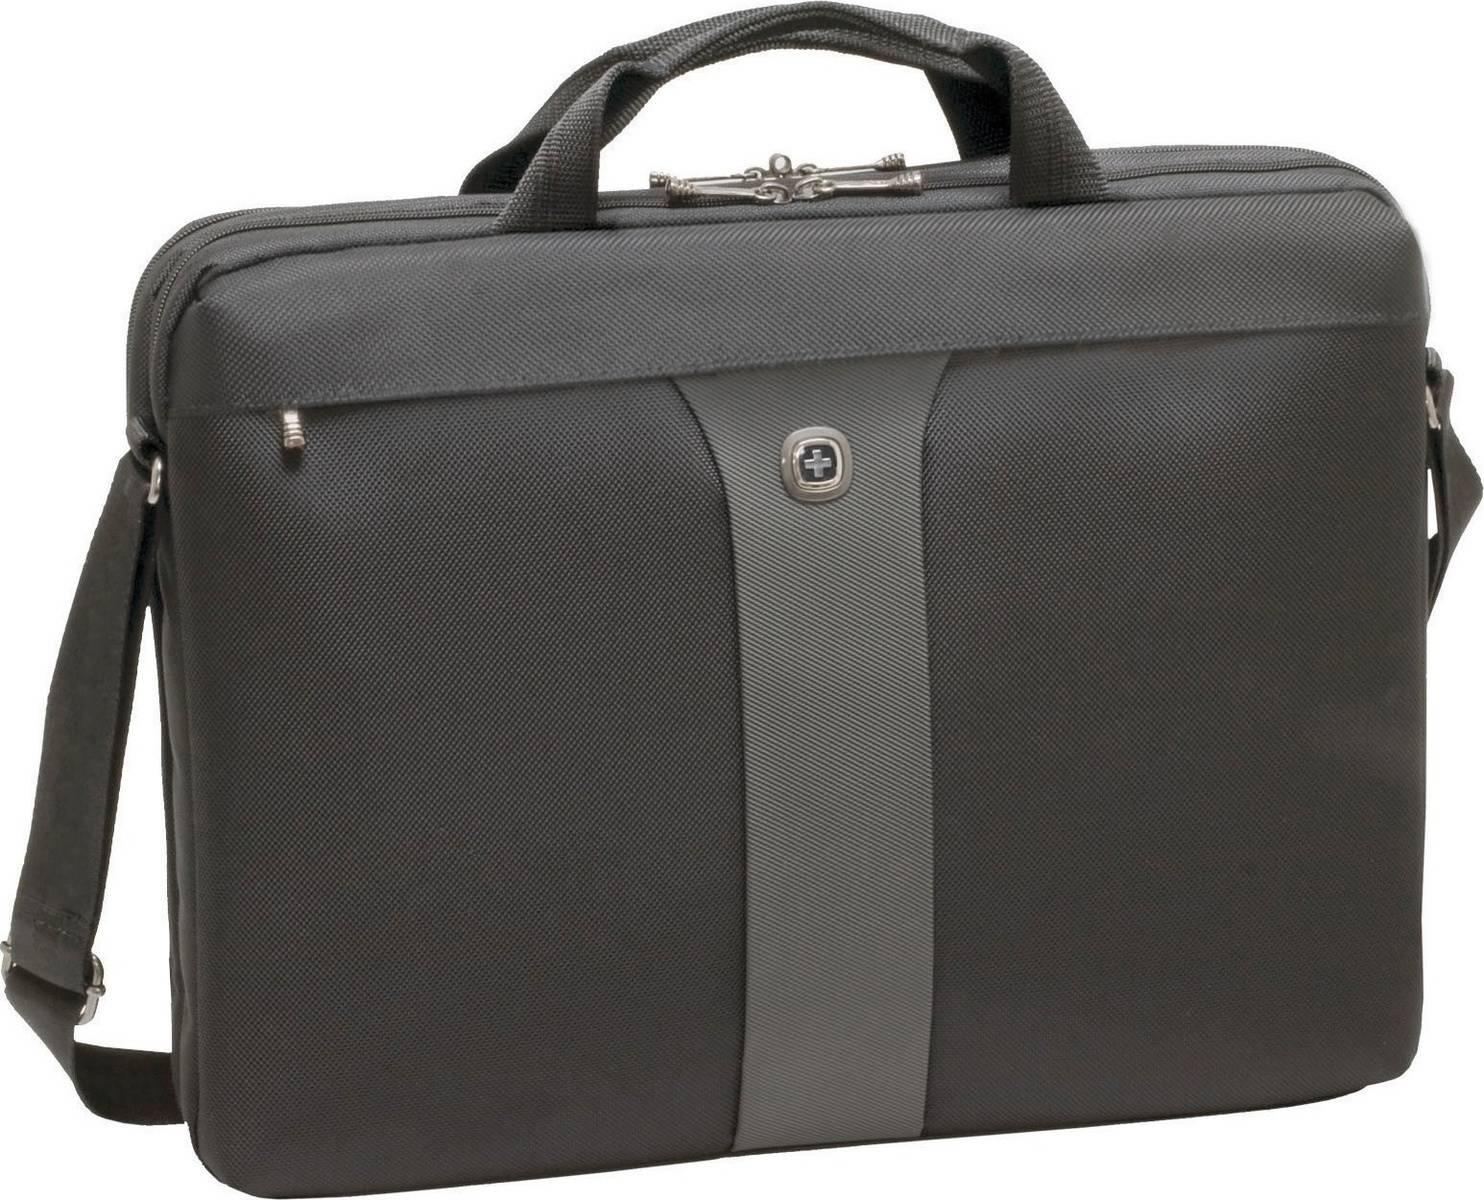 Τσάντα Laptop Wenger Legacy 17 Slimcase 600654 Μαύρο-Γκρι paixnidia hobby eidh tajidioy tsantes uhkes